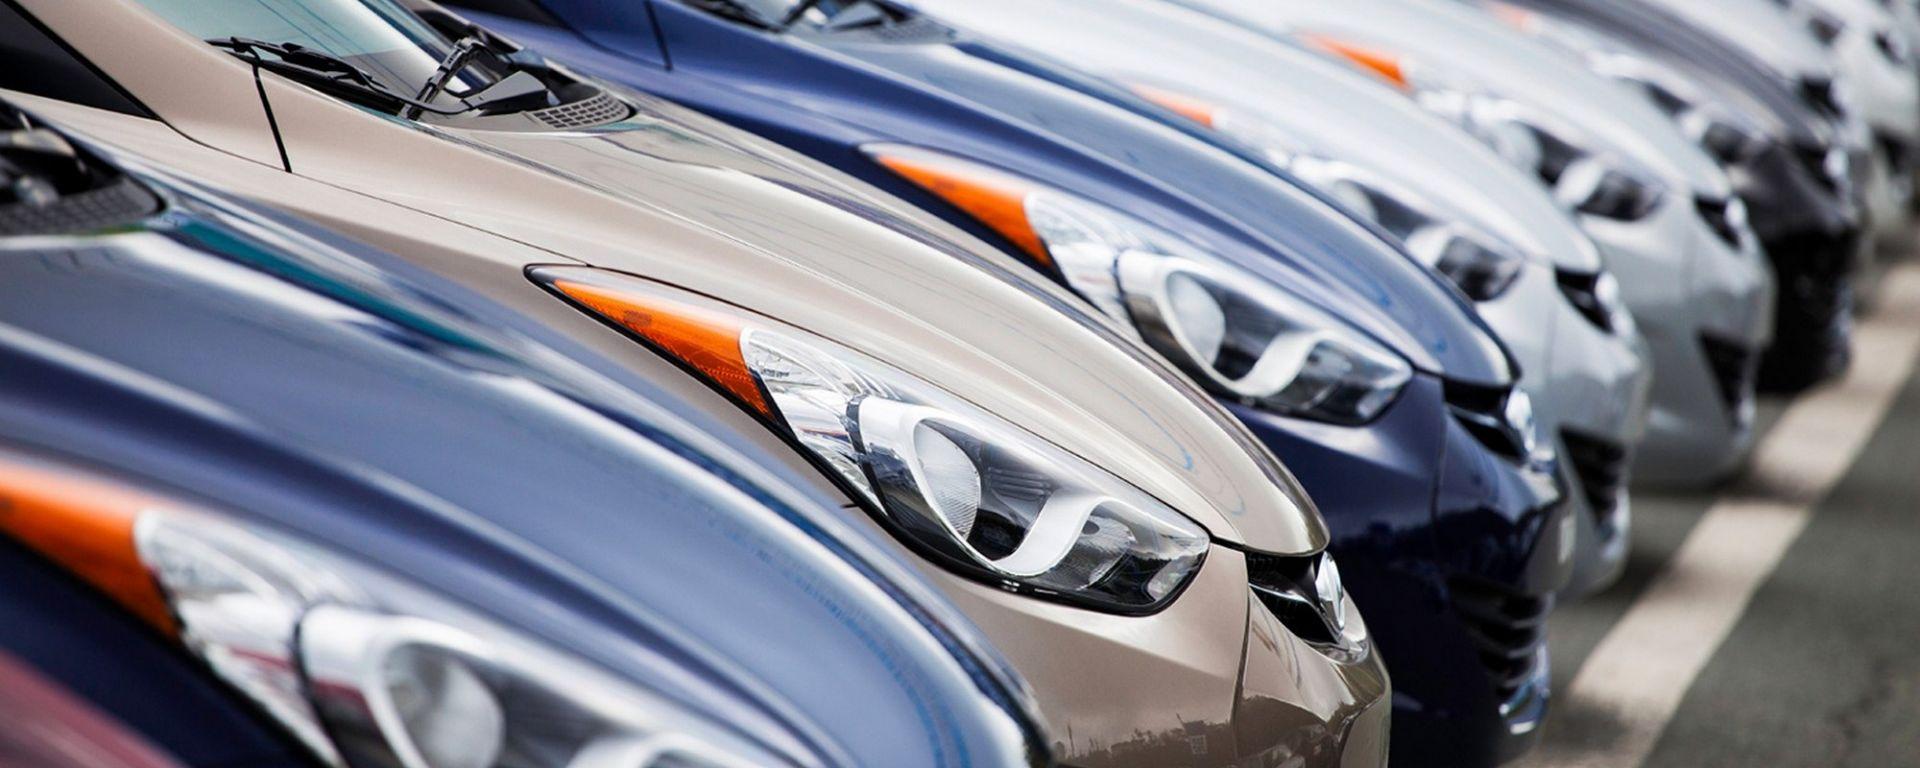 Mercato auto, settembre tonico: +8,1%